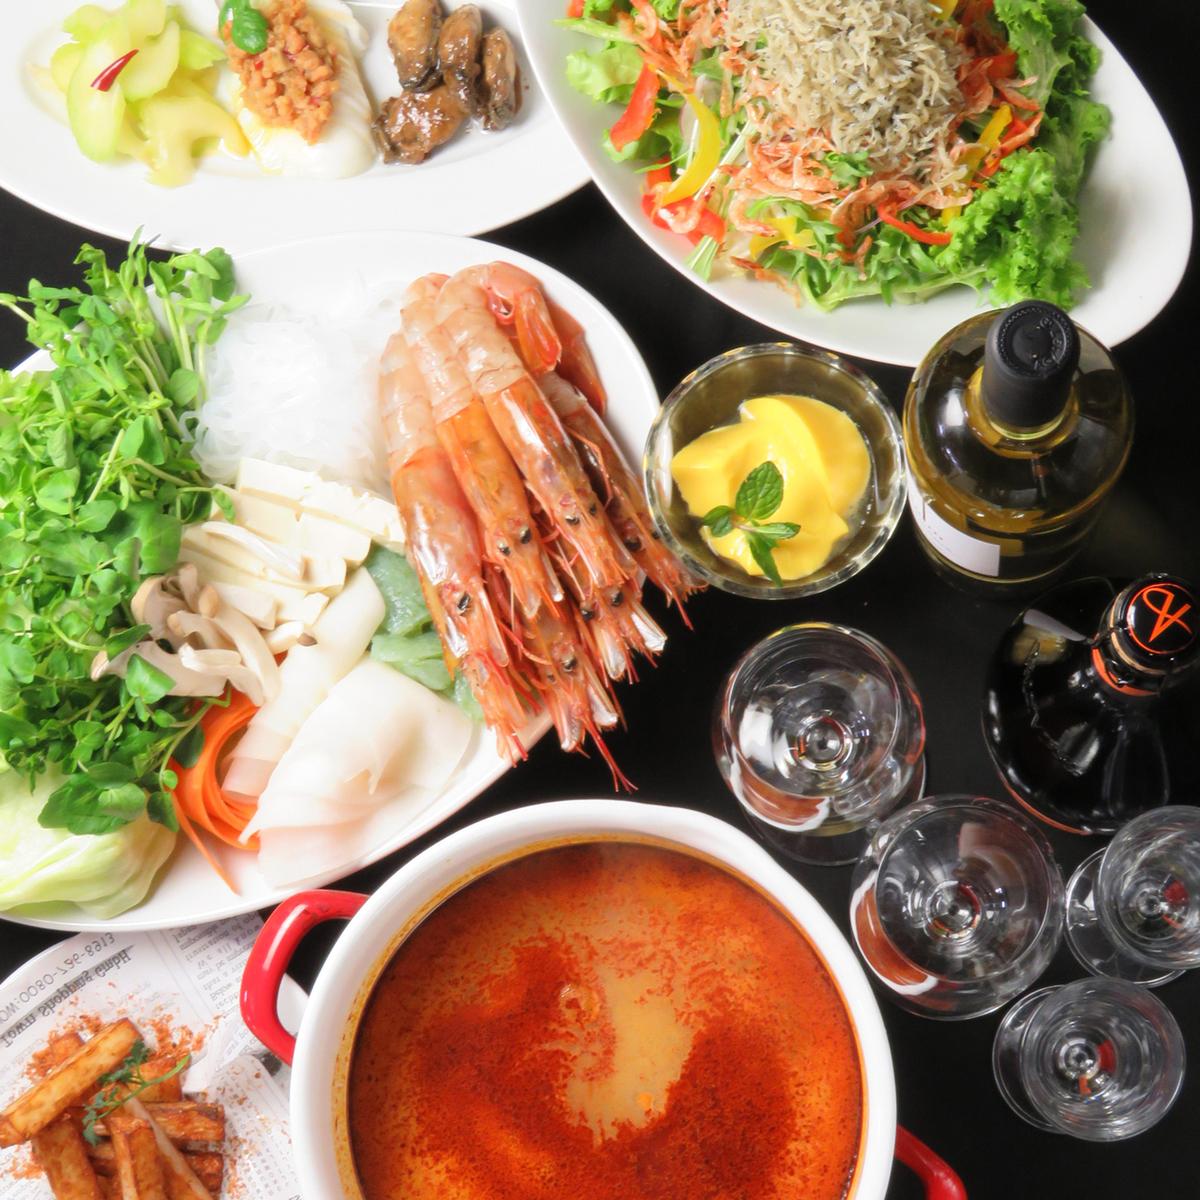 大海老と旬野菜のしゃぶしゃぶ歓送迎会コース選べる3種のスープ 飲み放題120分付き 4500円